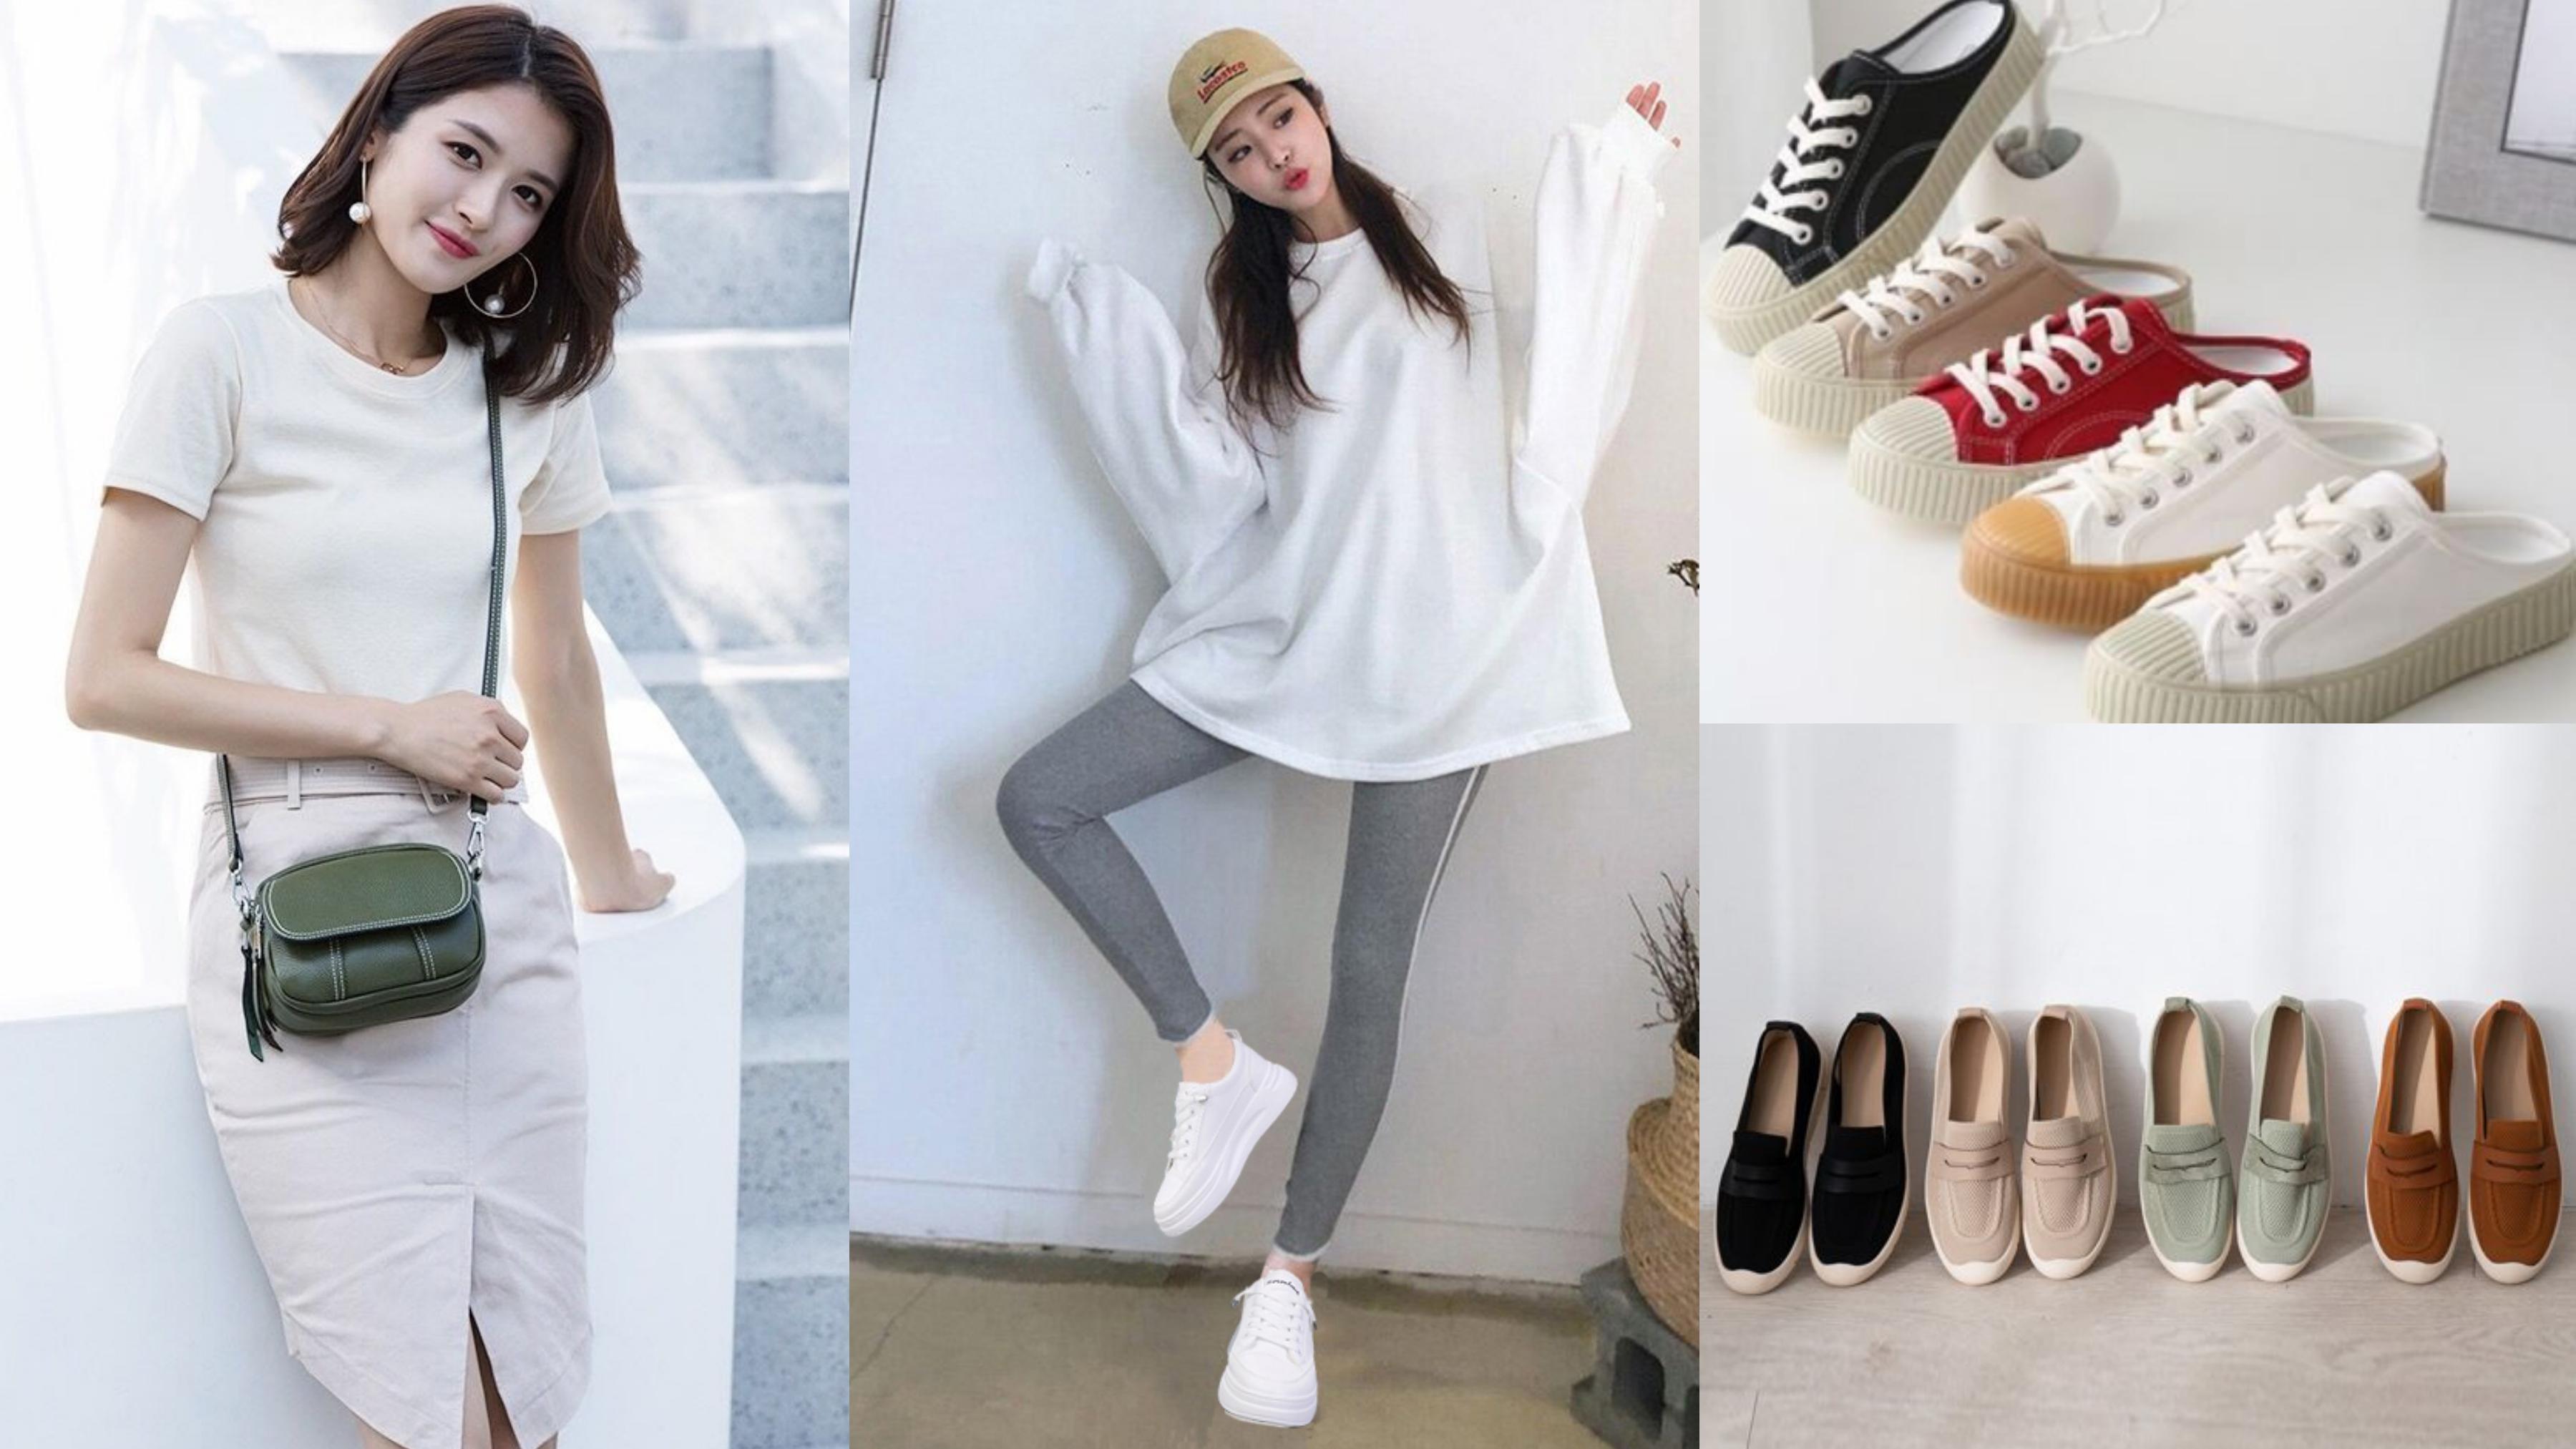 秋季新品連線搶起來!嚴選8款超熱銷的韓系鞋包款式